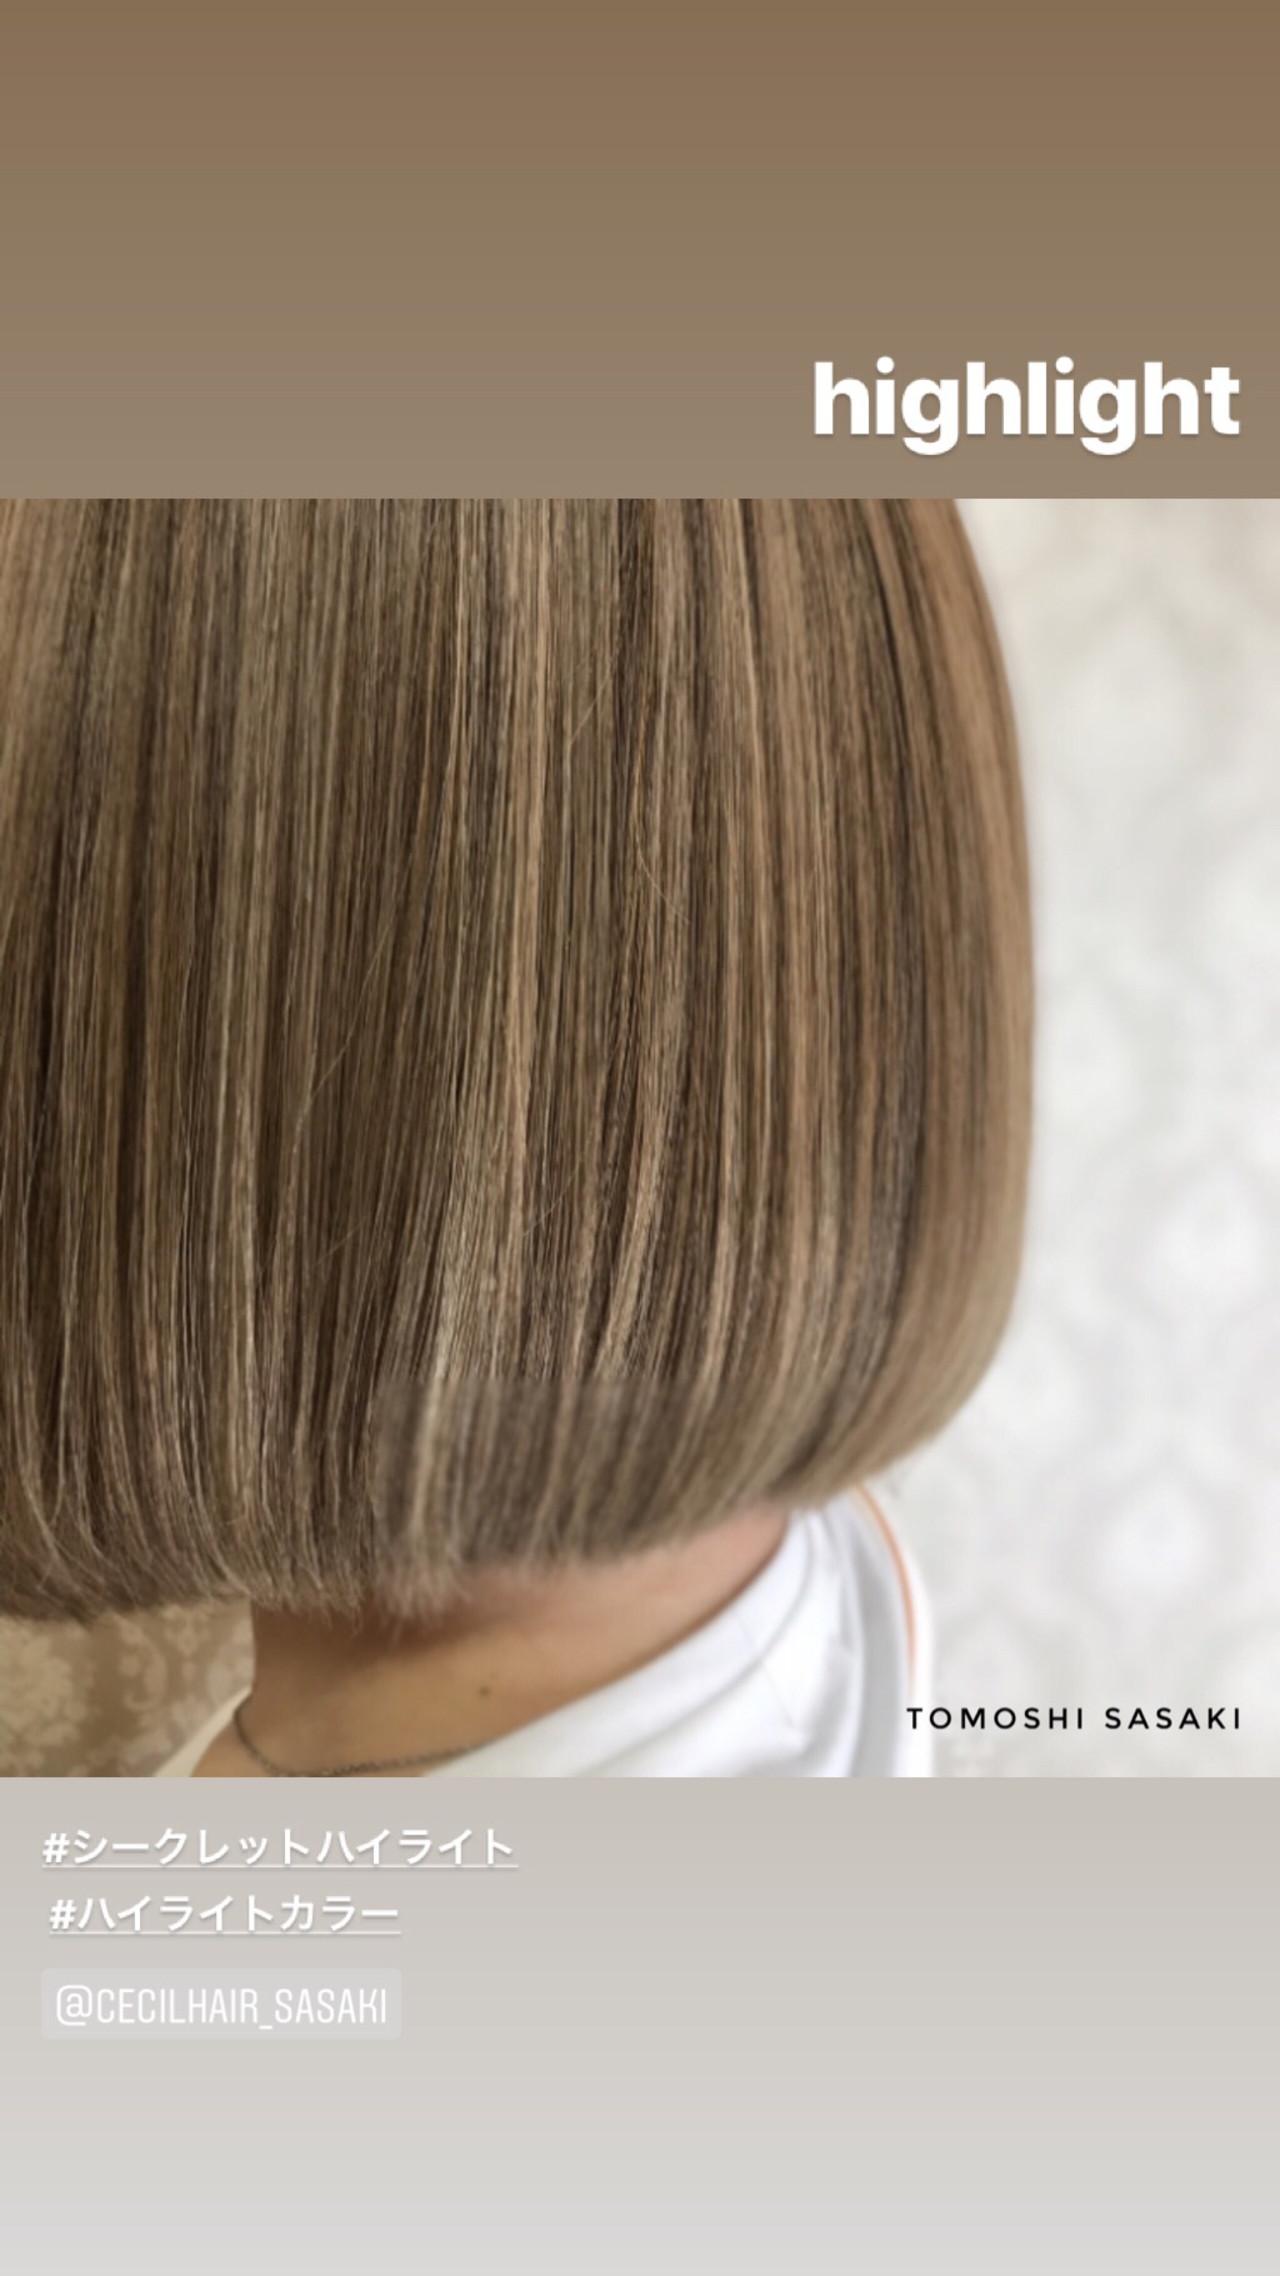 ボブ 3Dハイライト 派手髪 ブリーチ必須 ヘアスタイルや髪型の写真・画像 | ササキ トモシ / Cecil hair 札幌北24条店